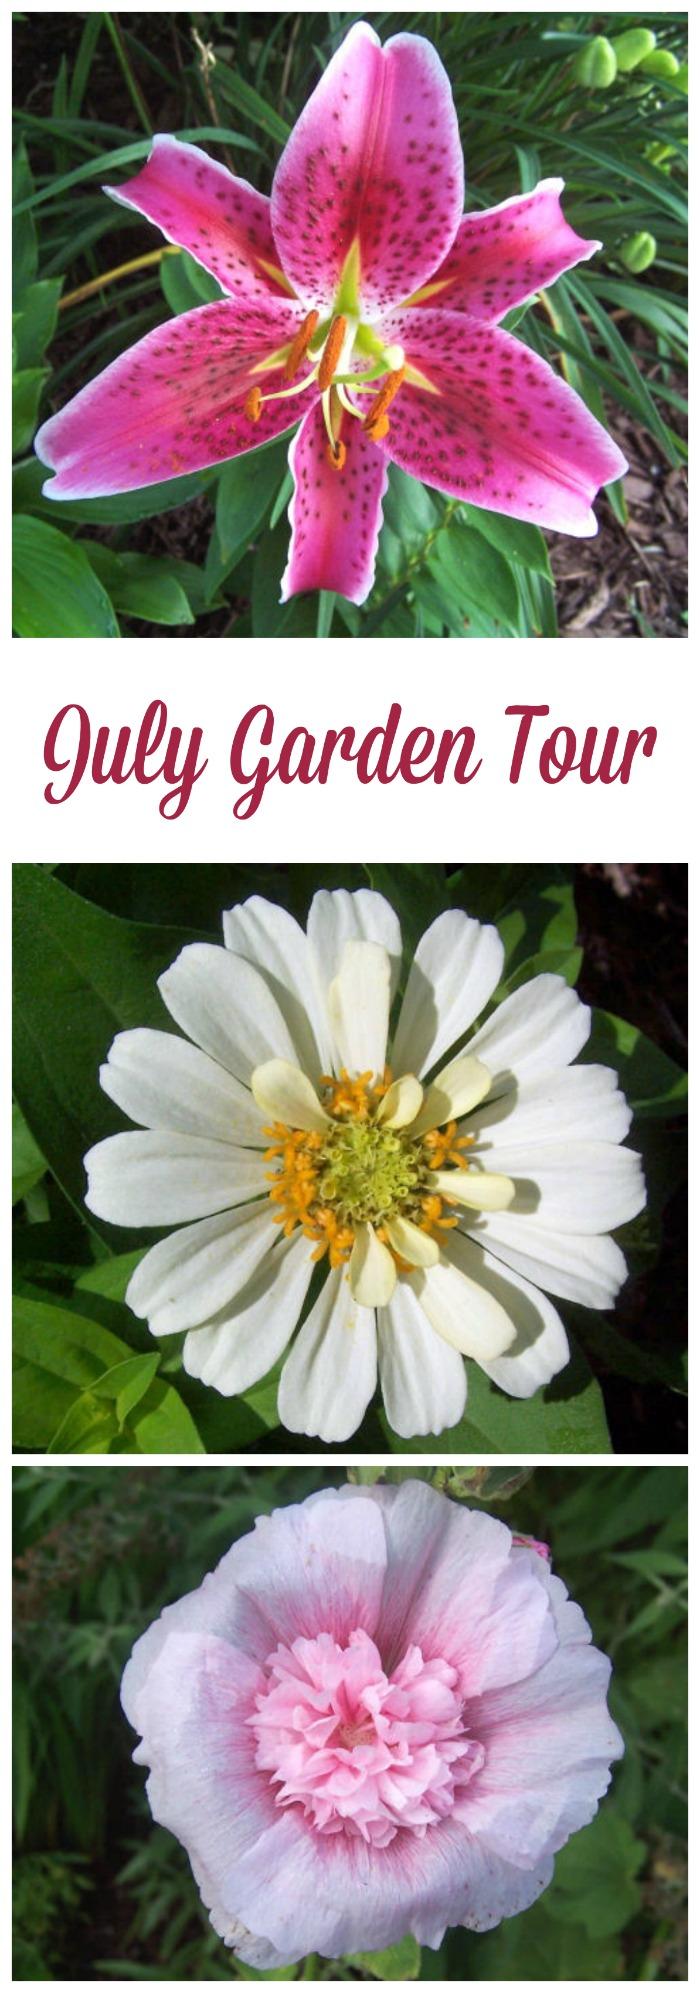 July Garden Tour featuring perennials and annuals for a hot summer garden.